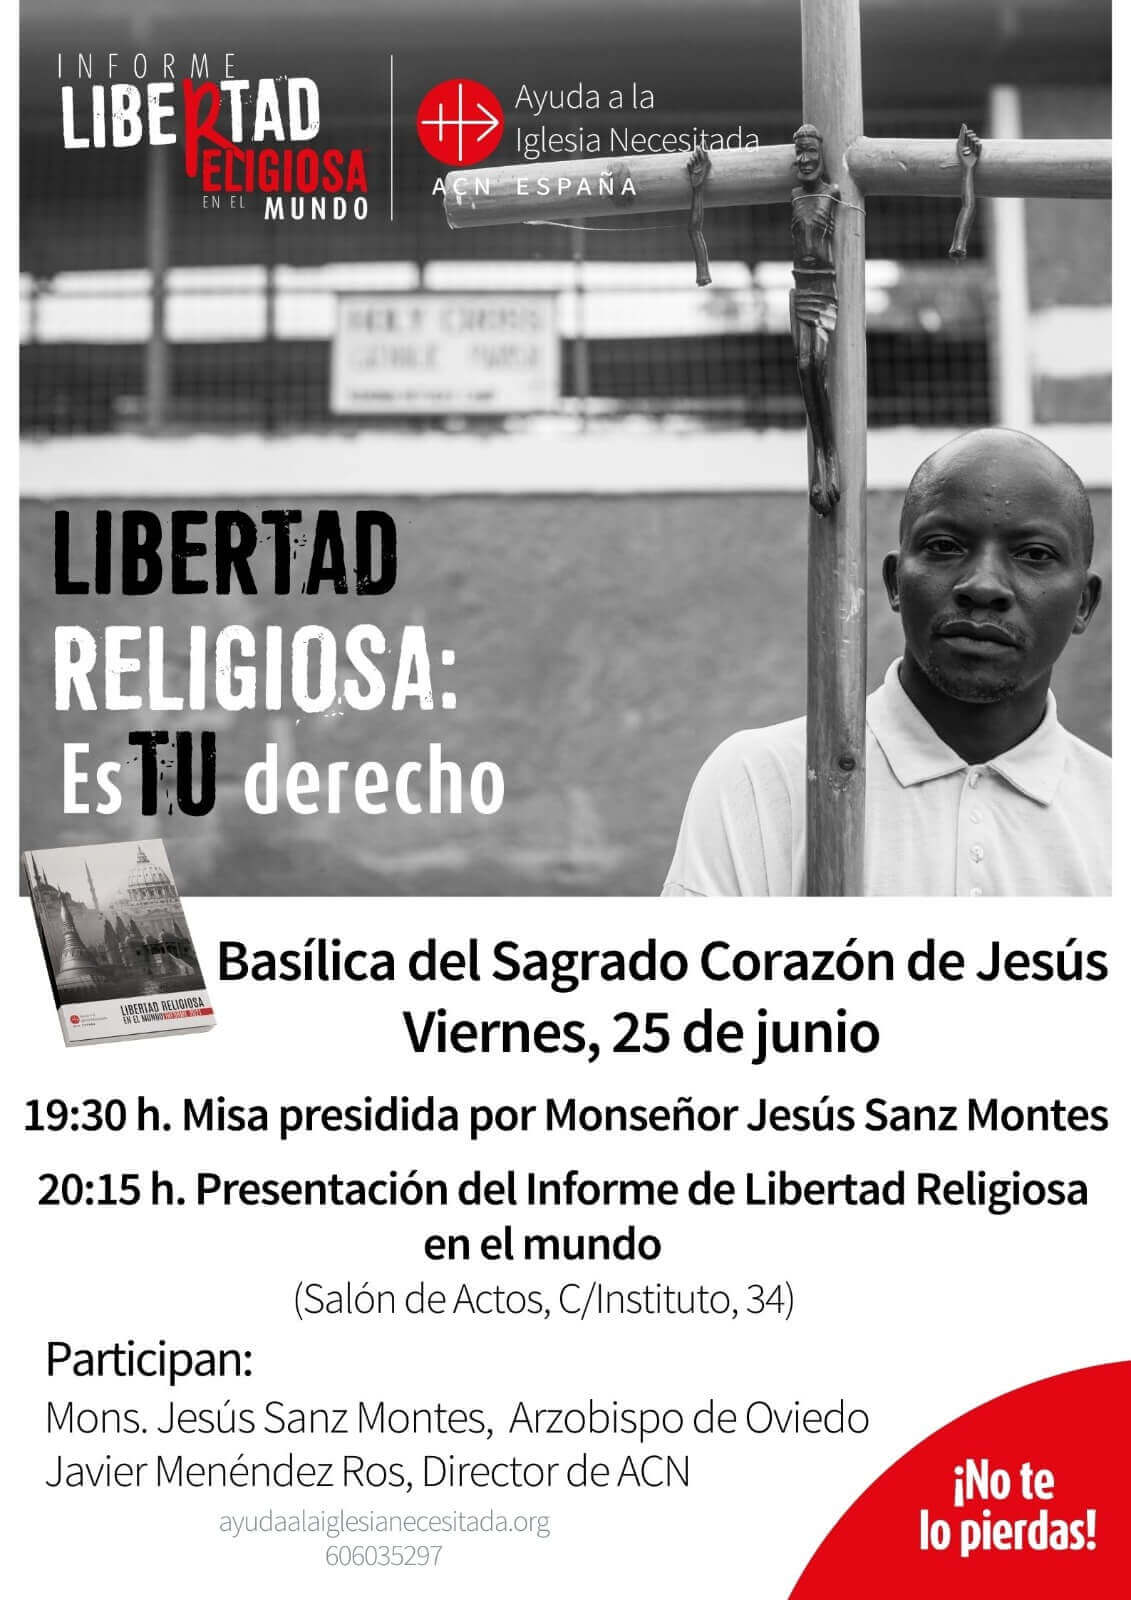 Informe de Libertad Religiosa en el mundo